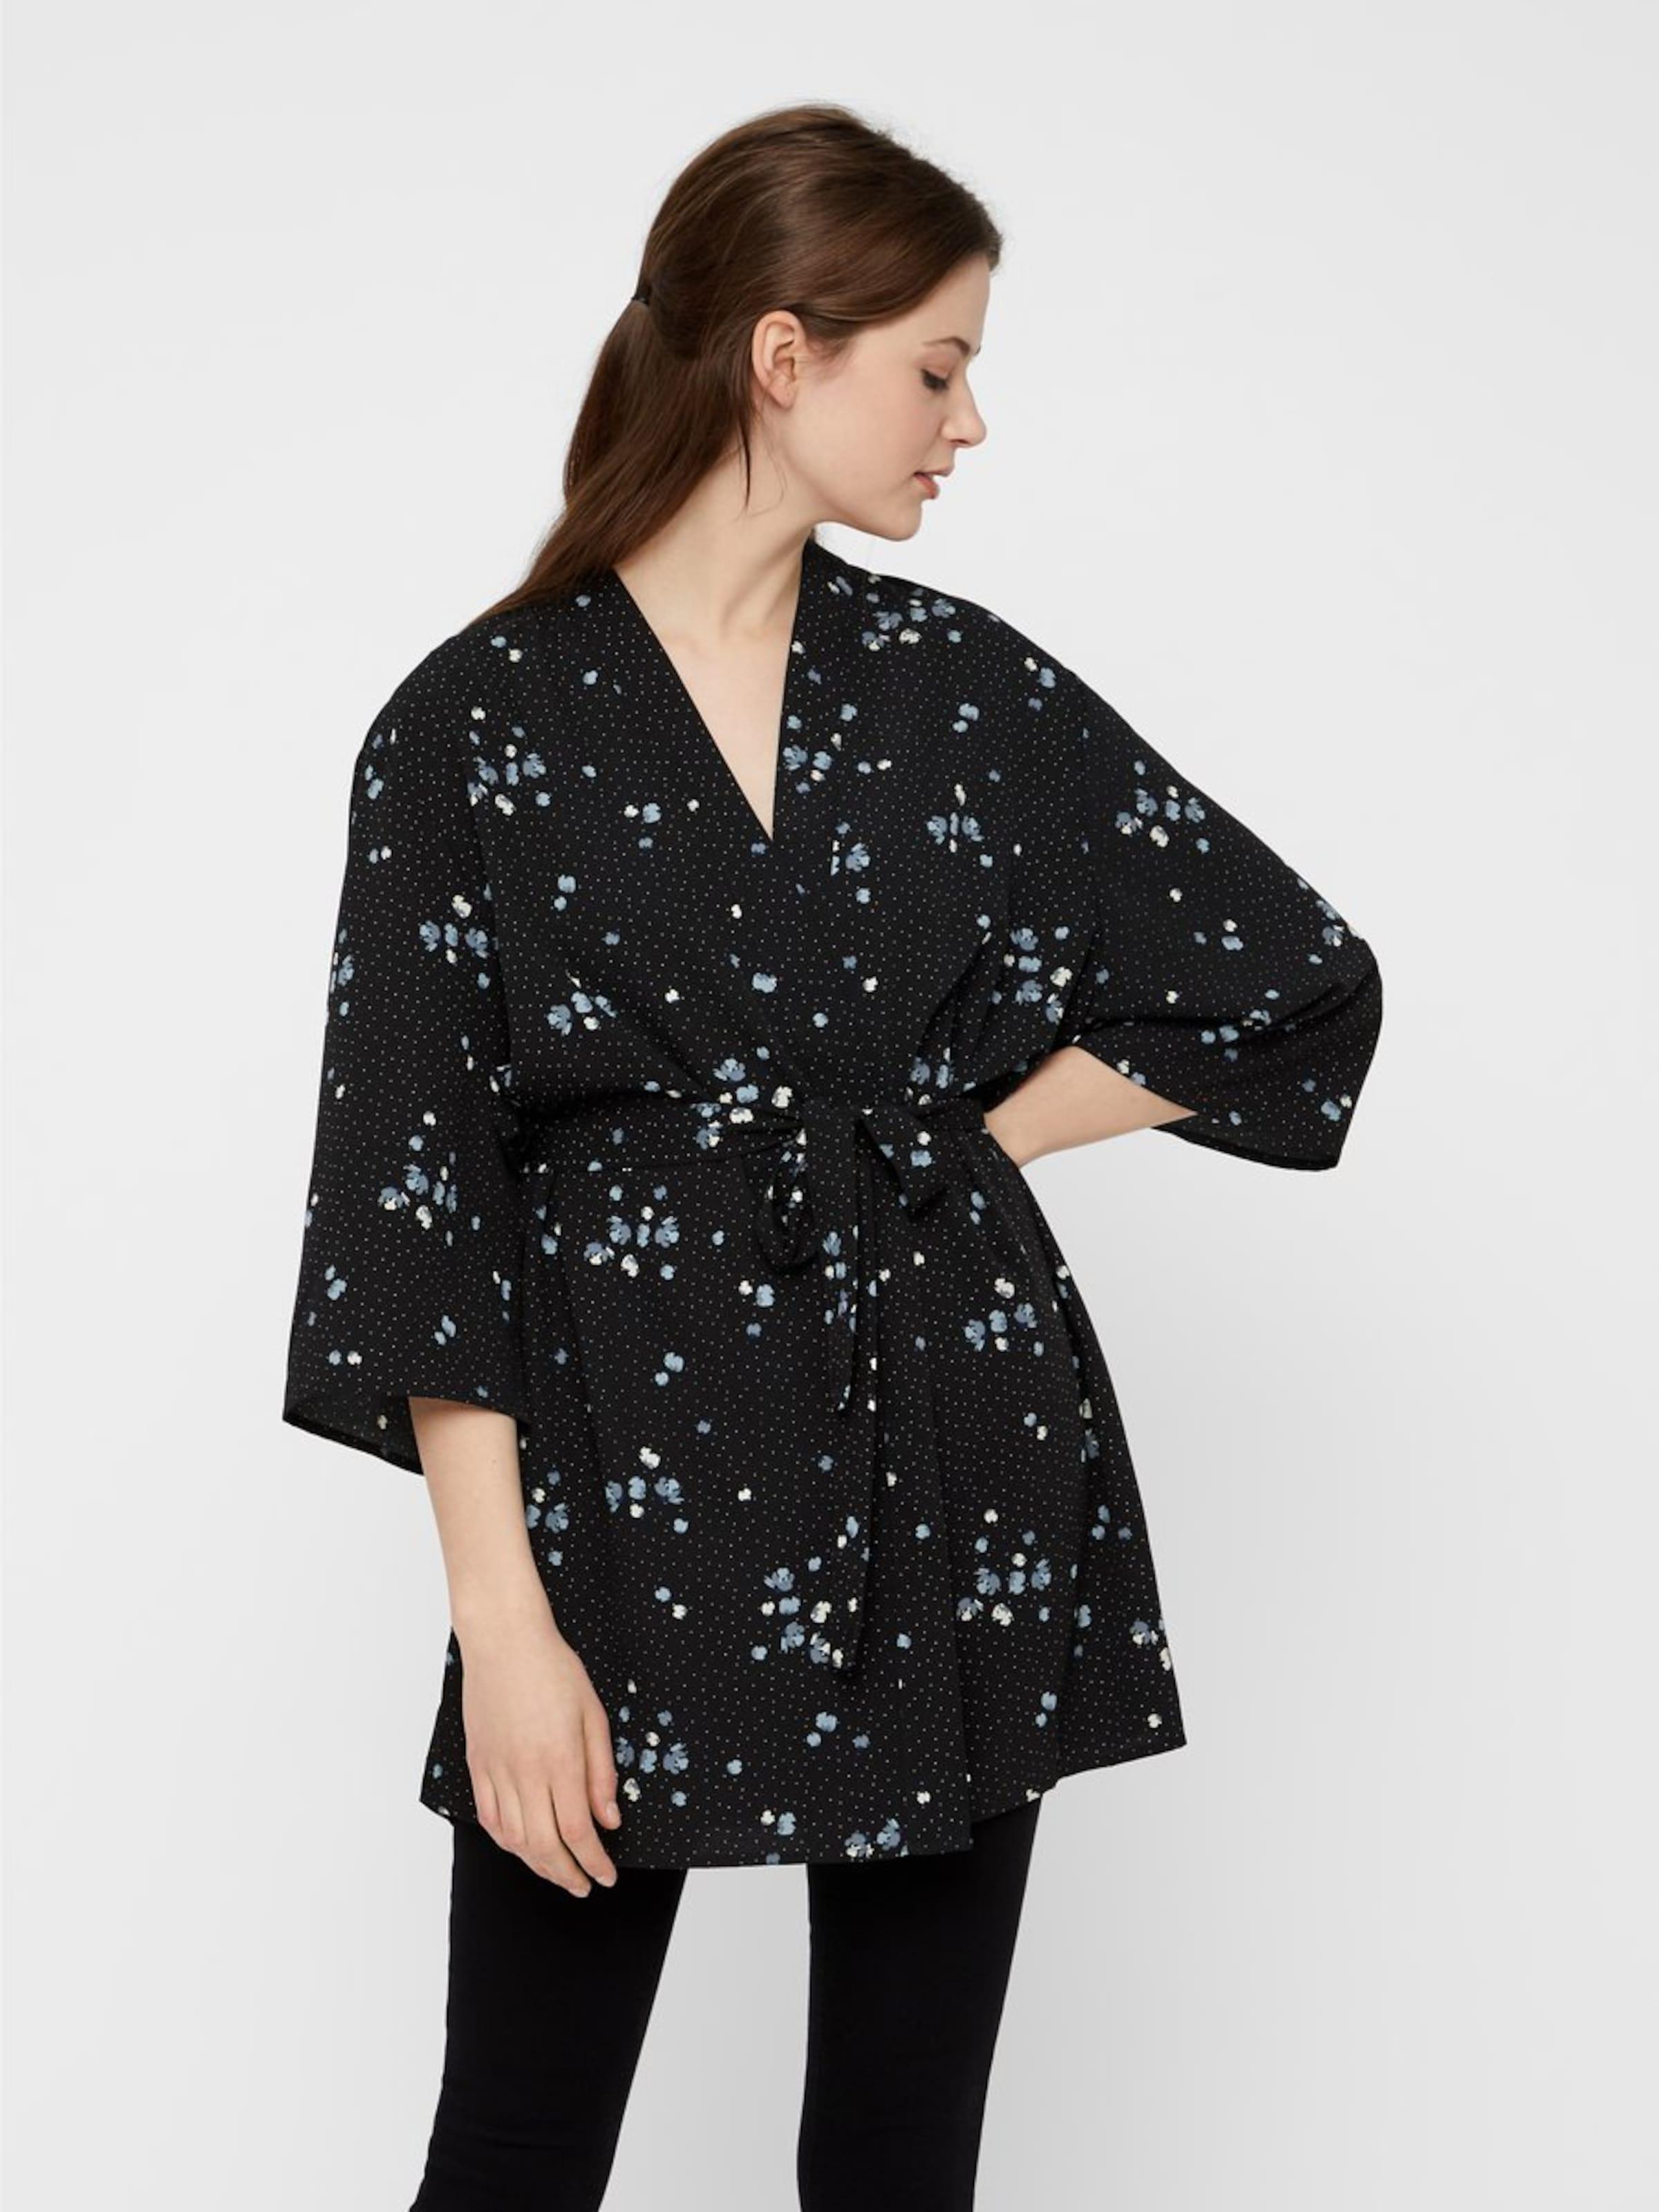 Pieces Kimono En En Noir Kimono Pieces yv7gYbf6